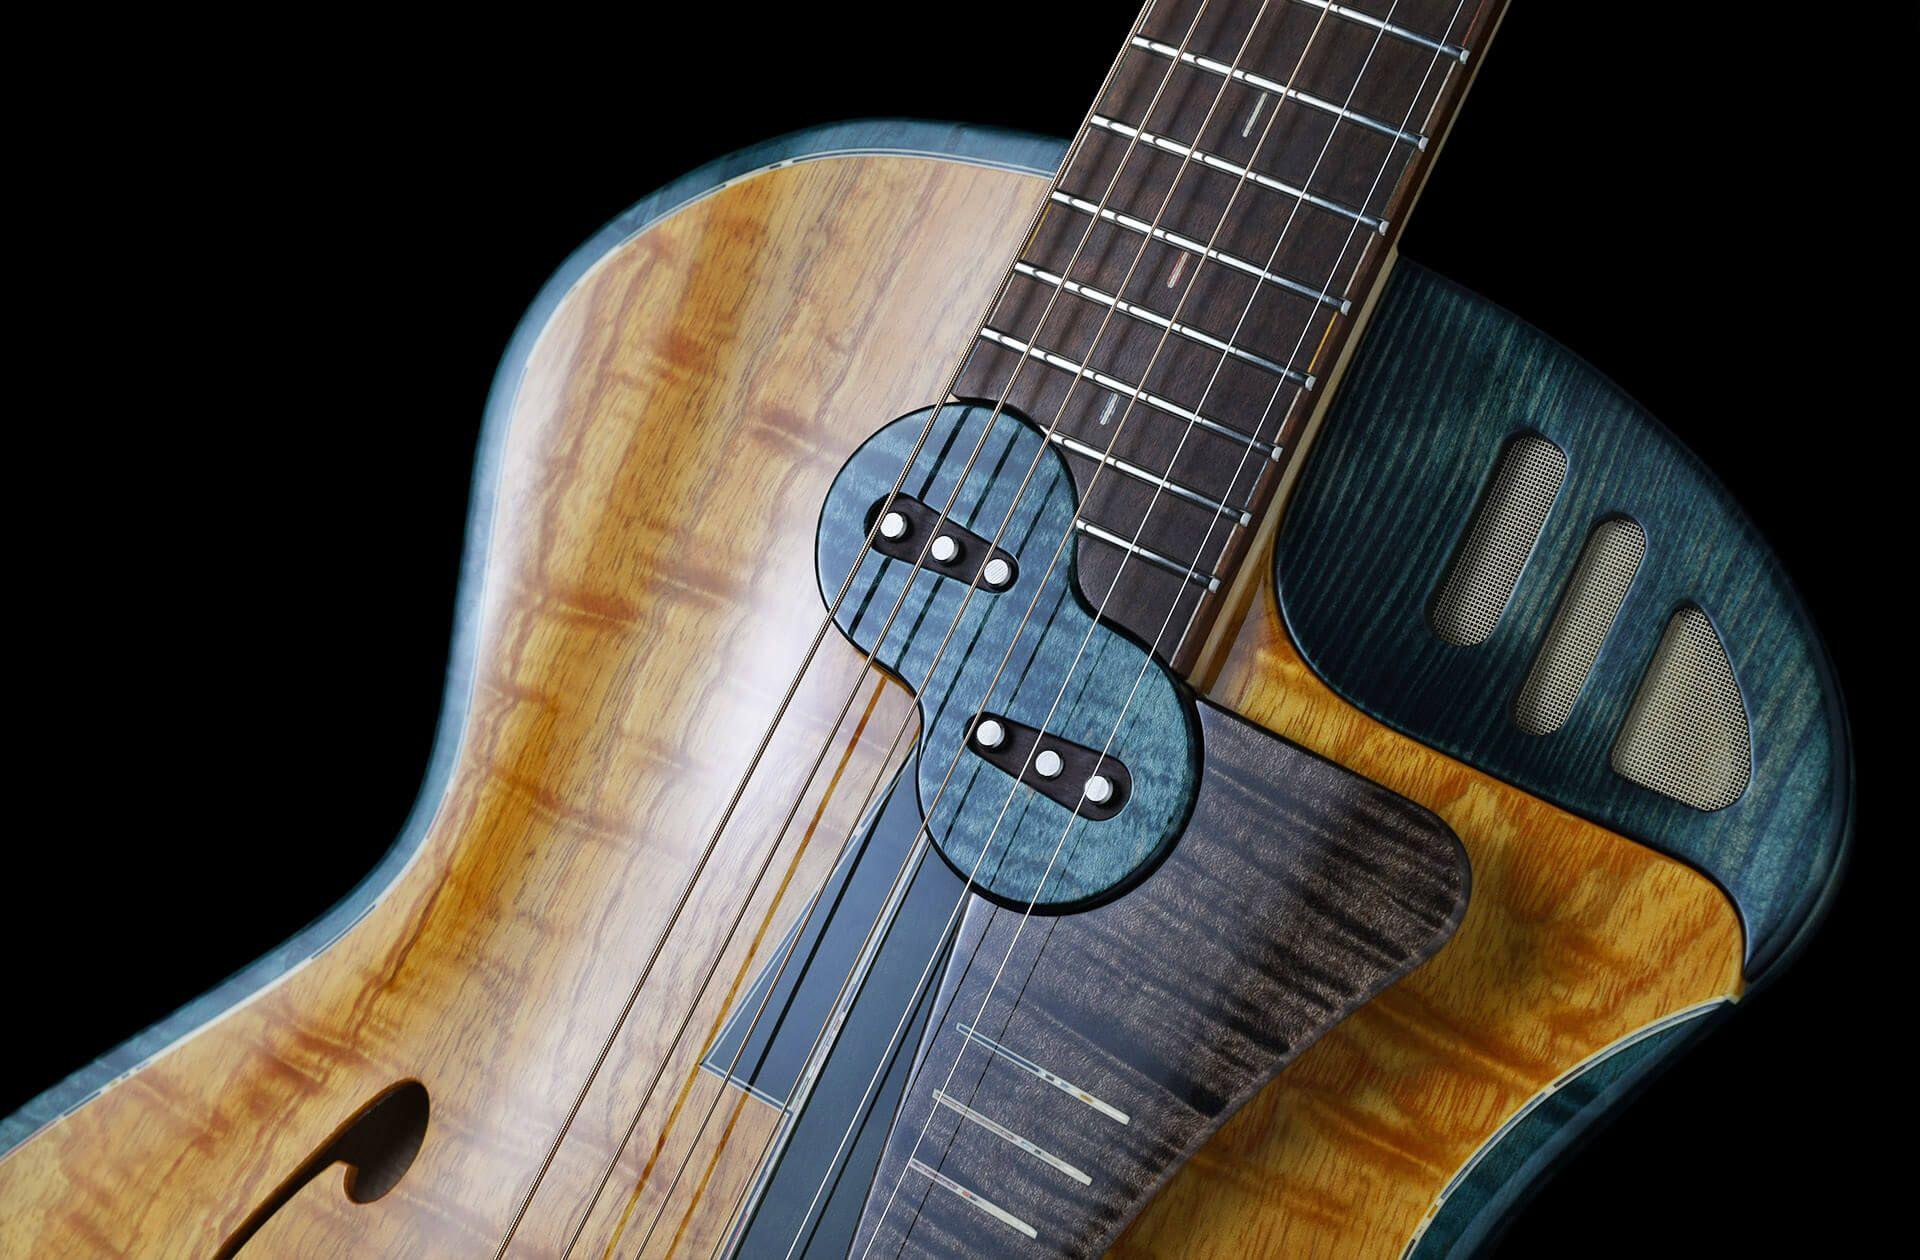 Jghg Takutack Guitar Guitar Design Custom Guitars